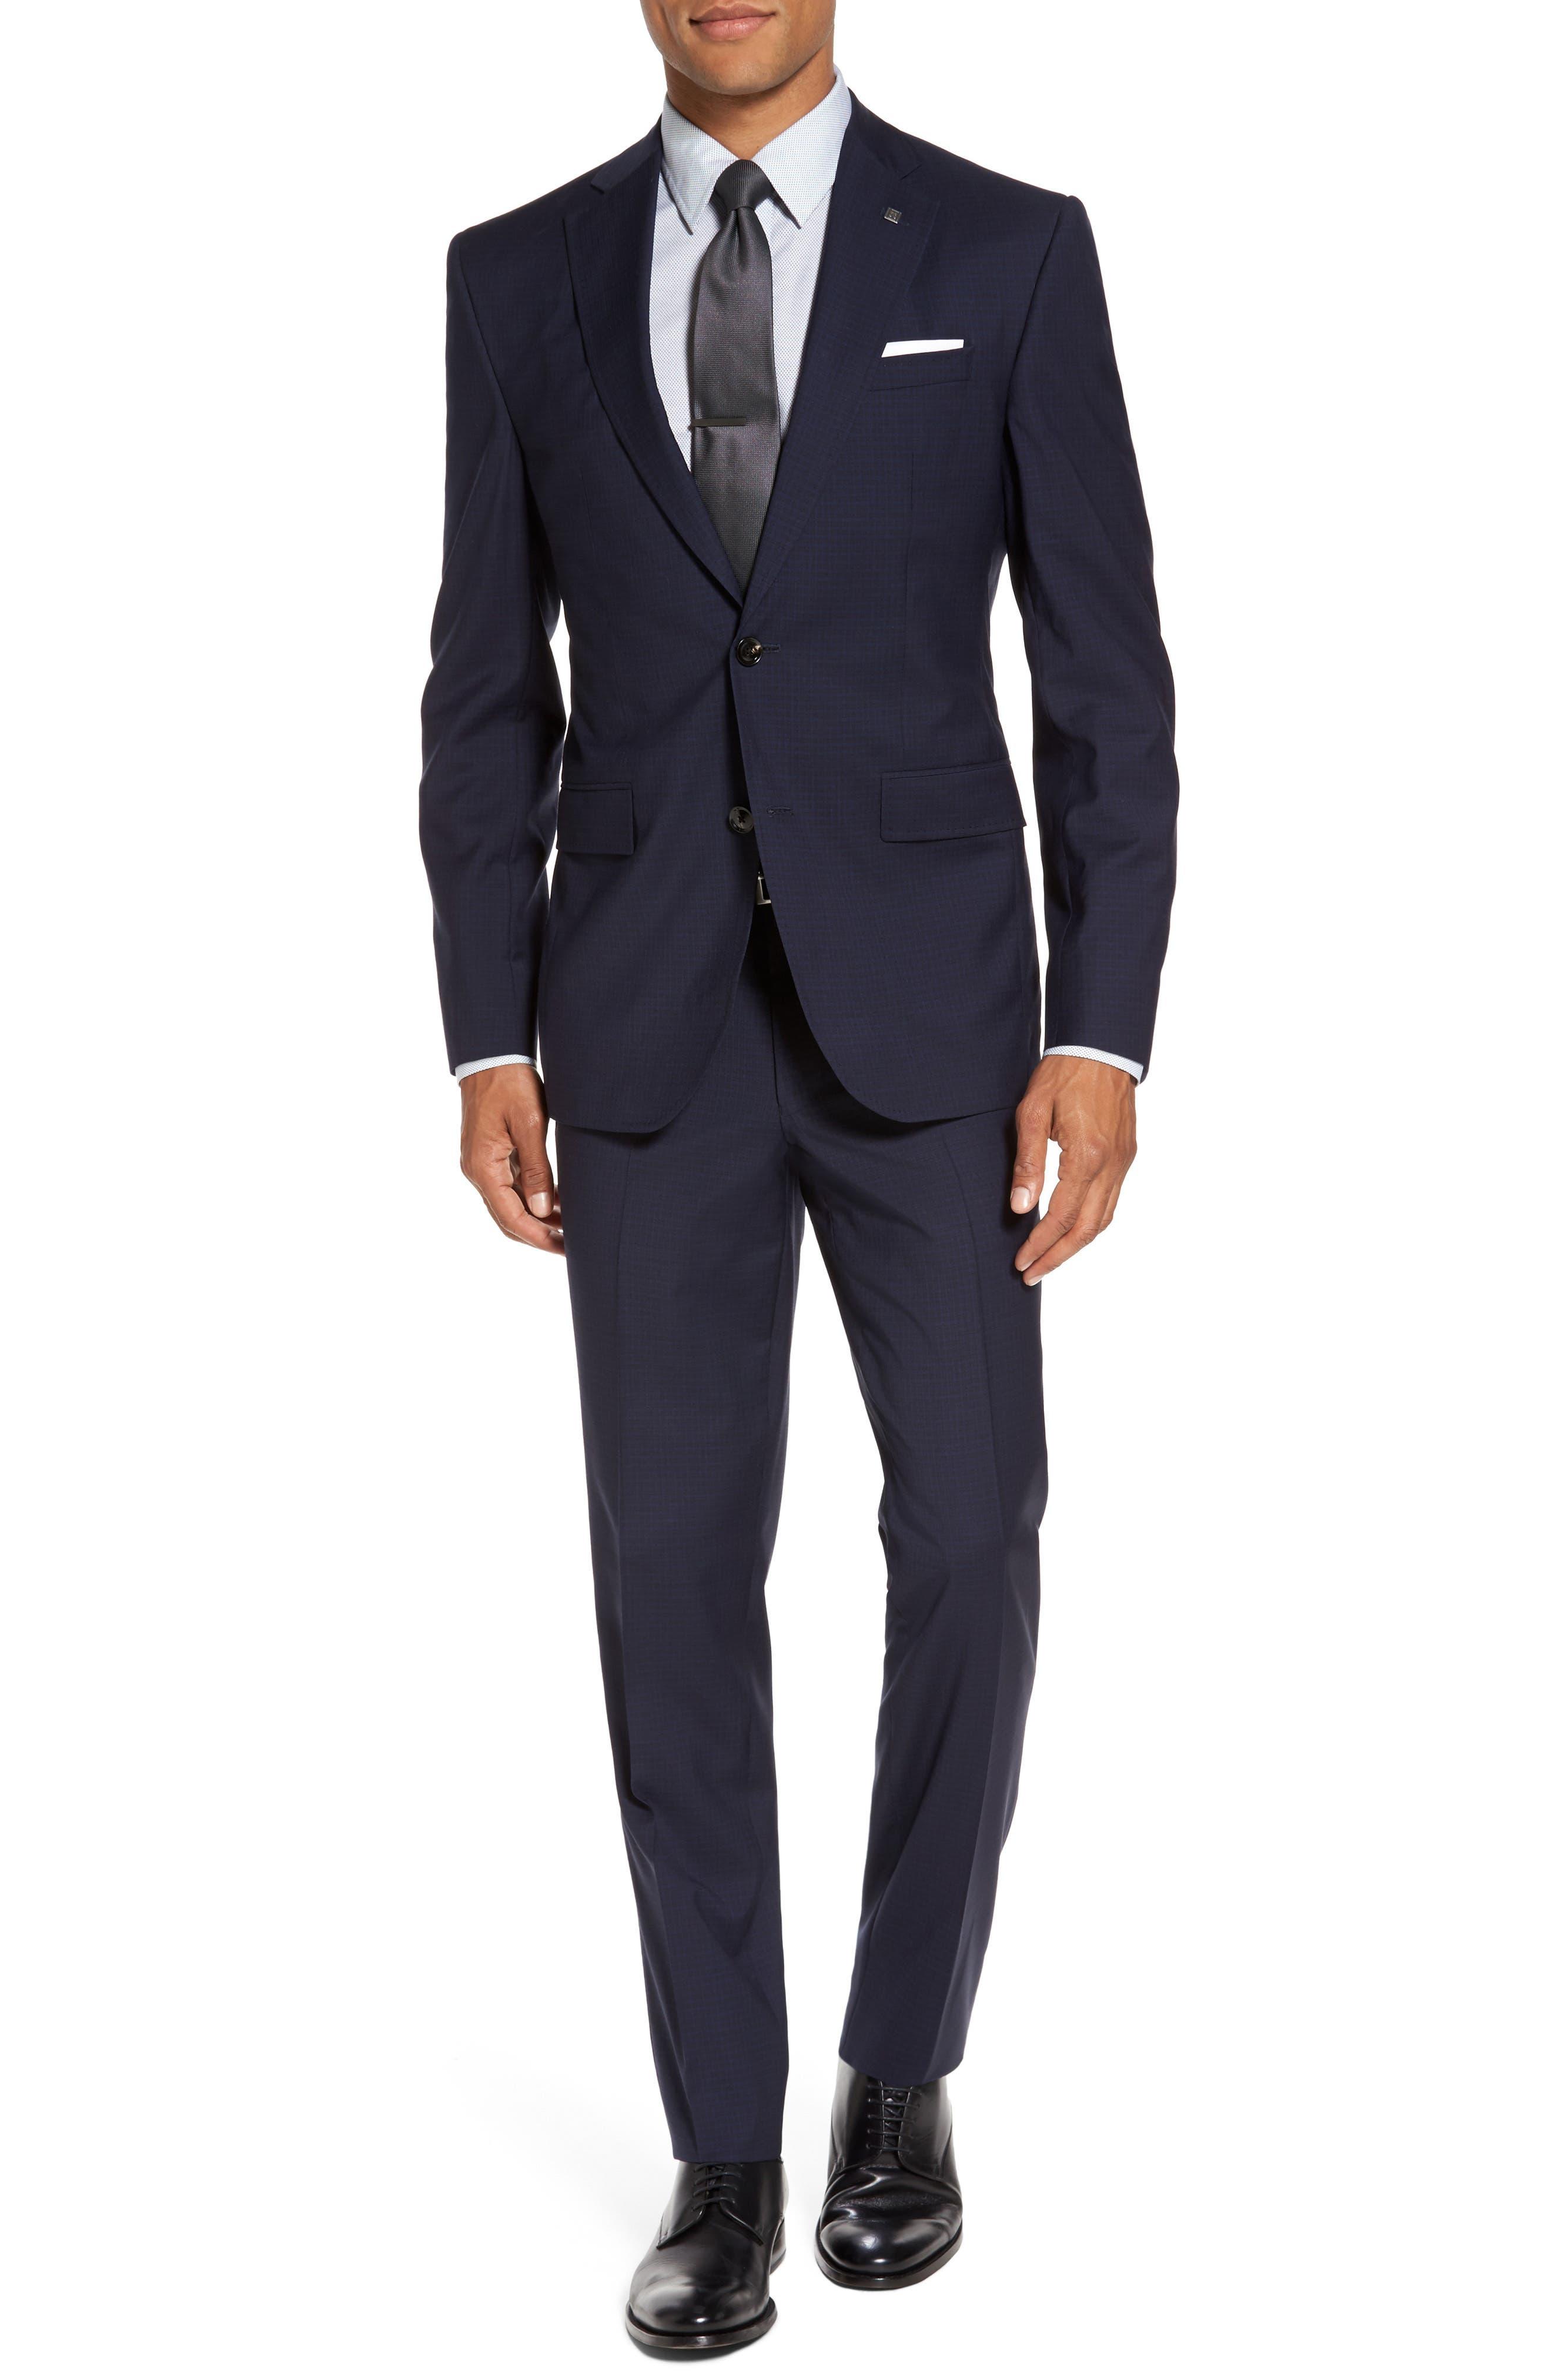 Roger Trim Fit Check Wool Suit,                             Main thumbnail 1, color,                             410